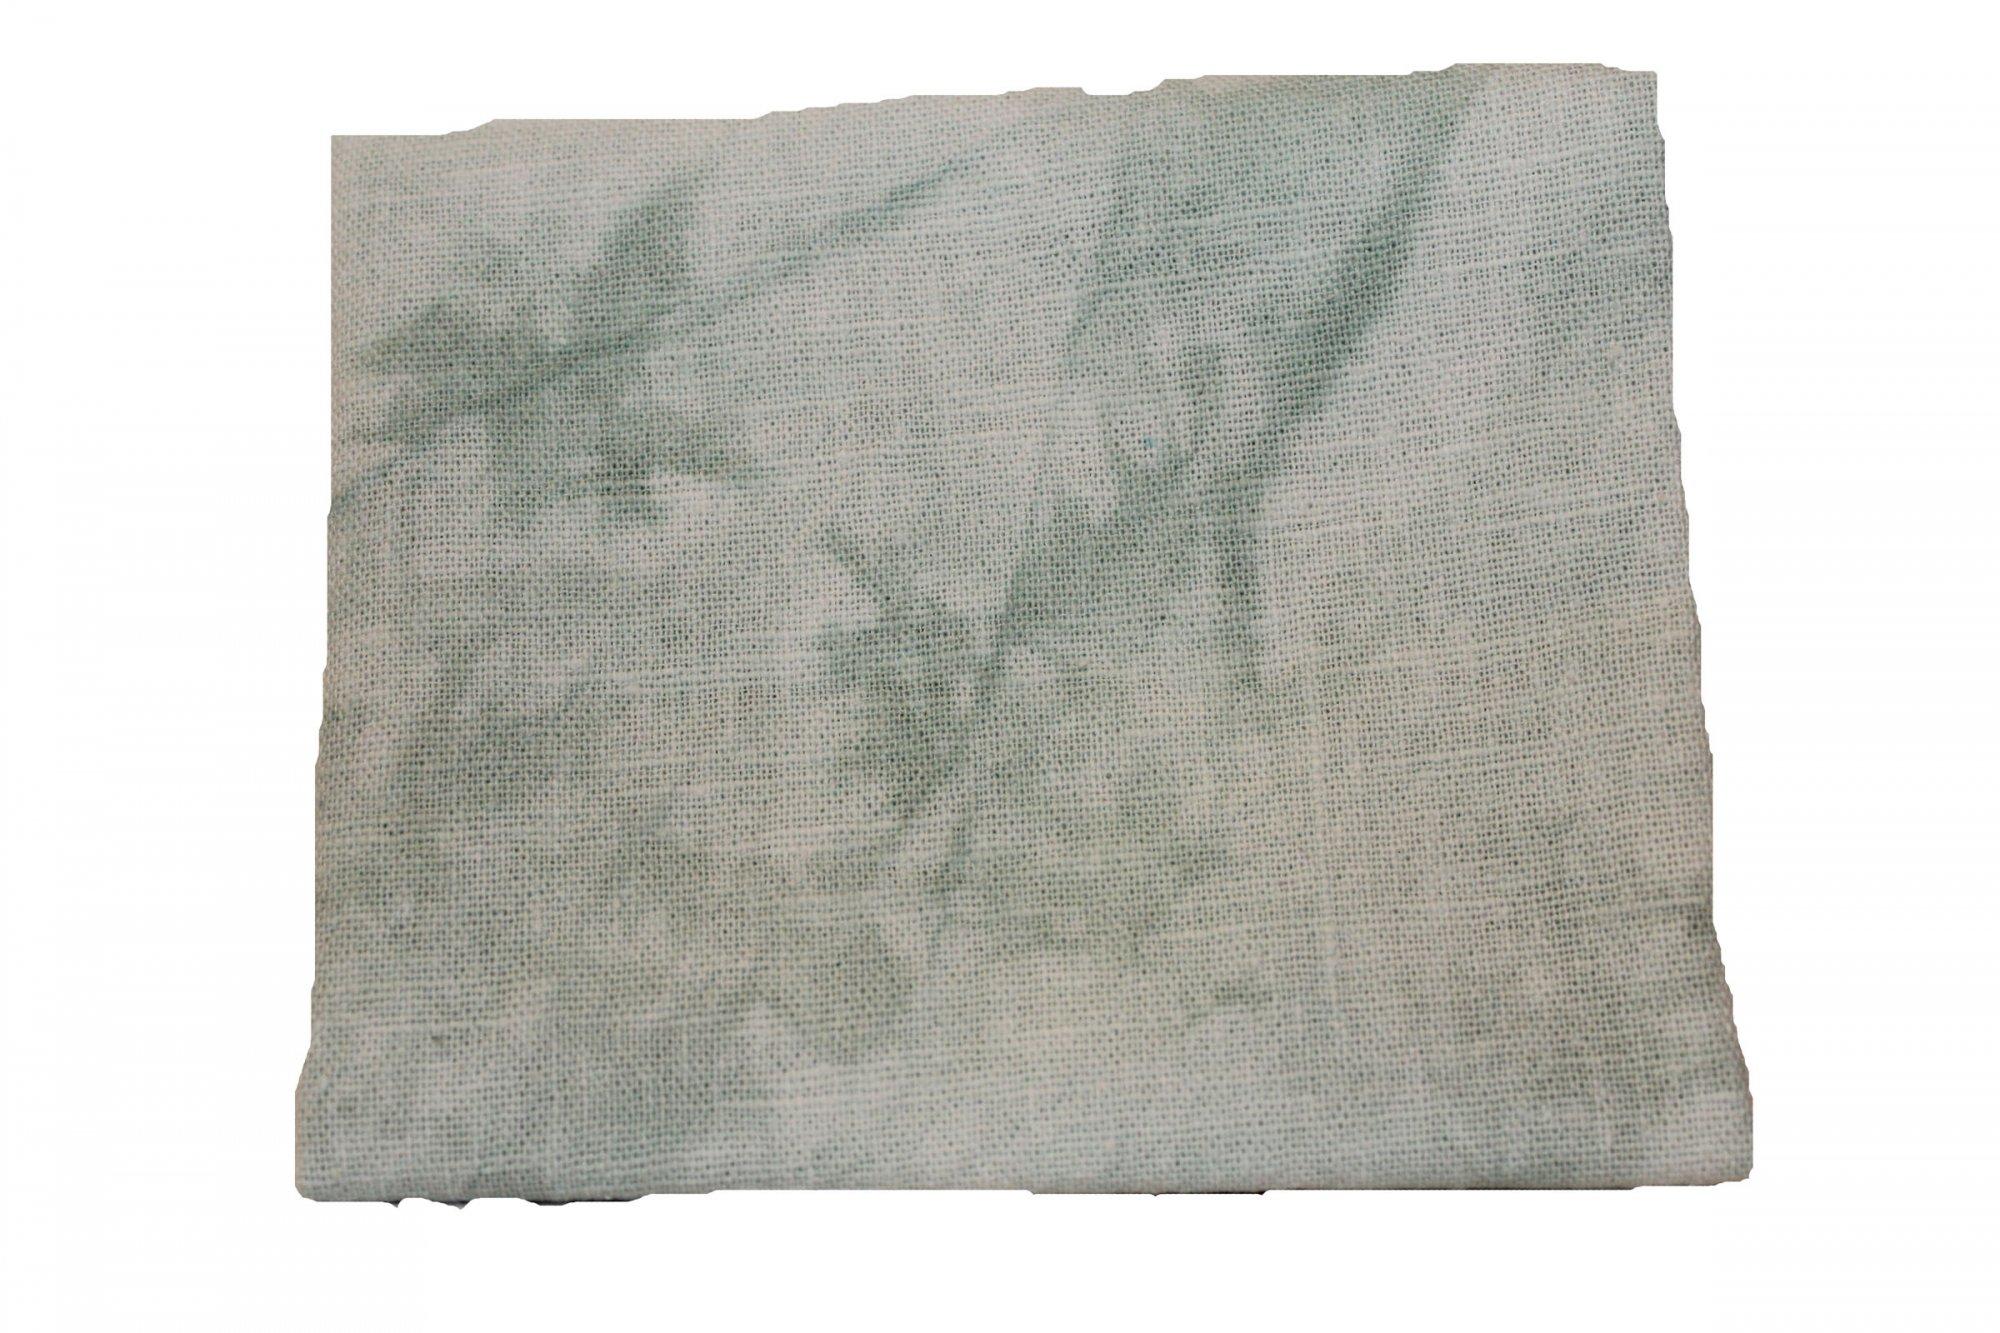 Mint Hand-dyed Linen Fat Quarter